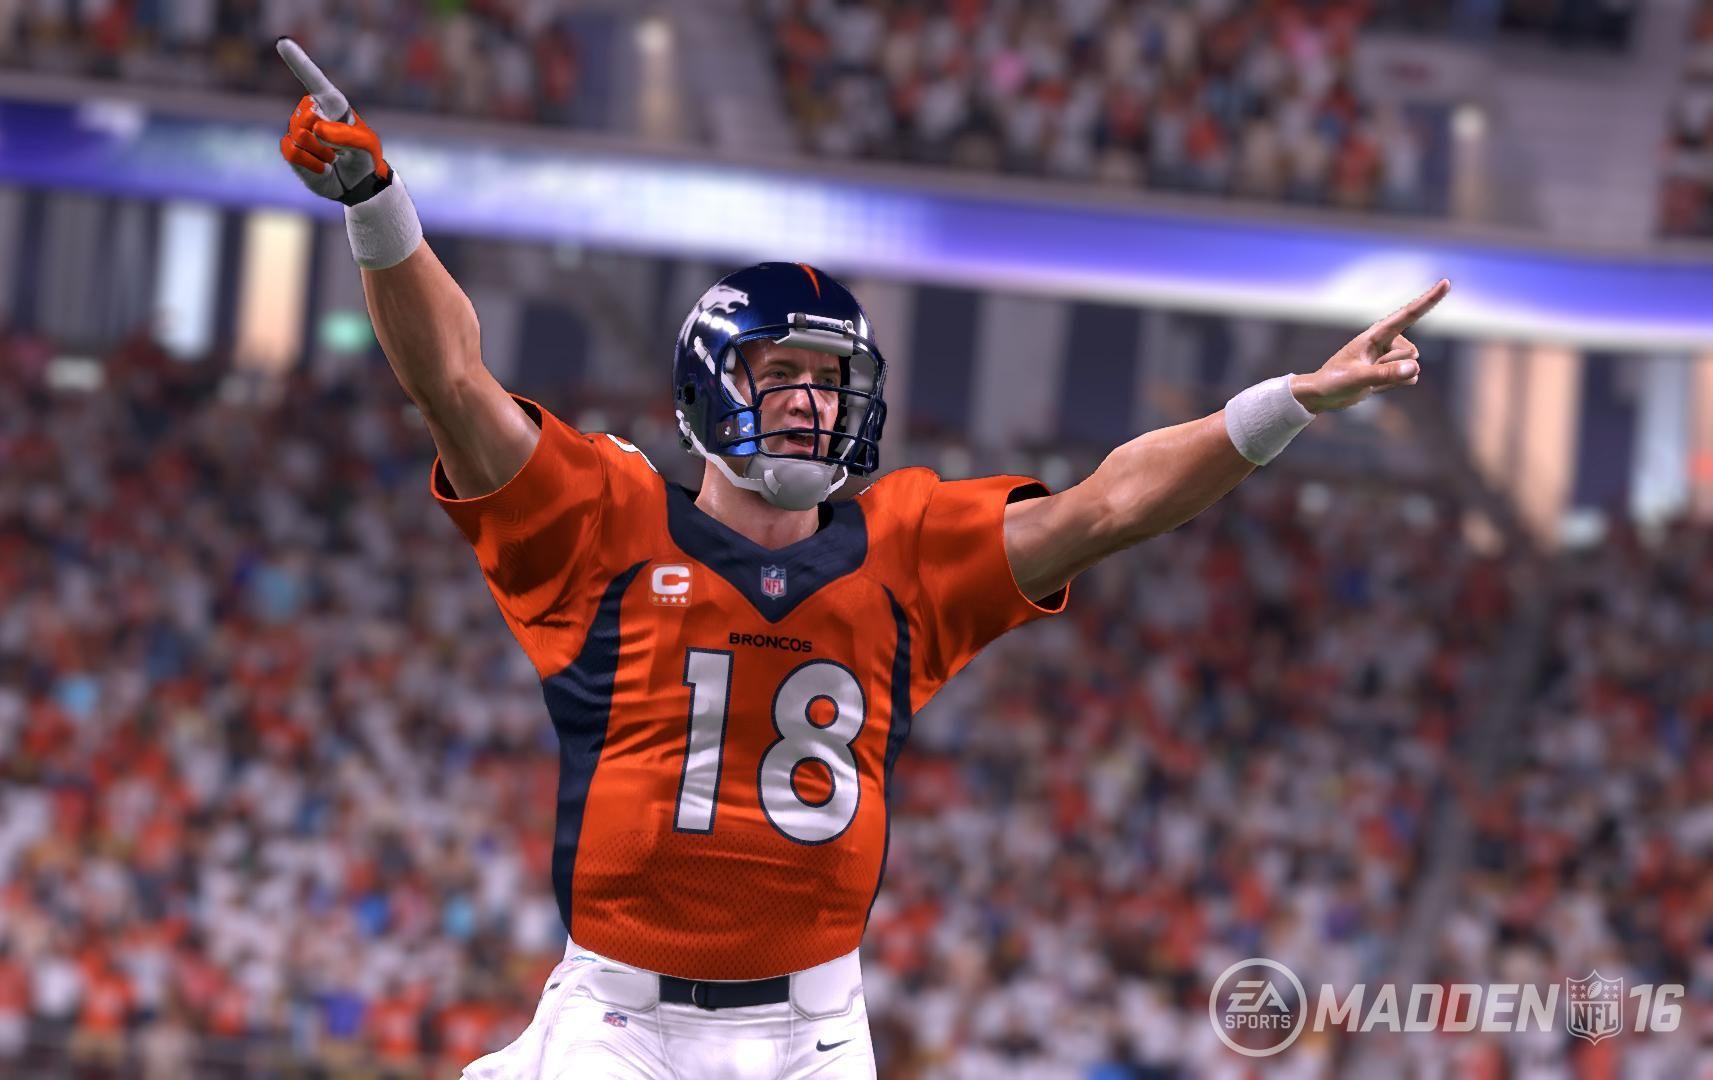 Madden NFL 16 fait ses pronostiques pour le Super Bowl